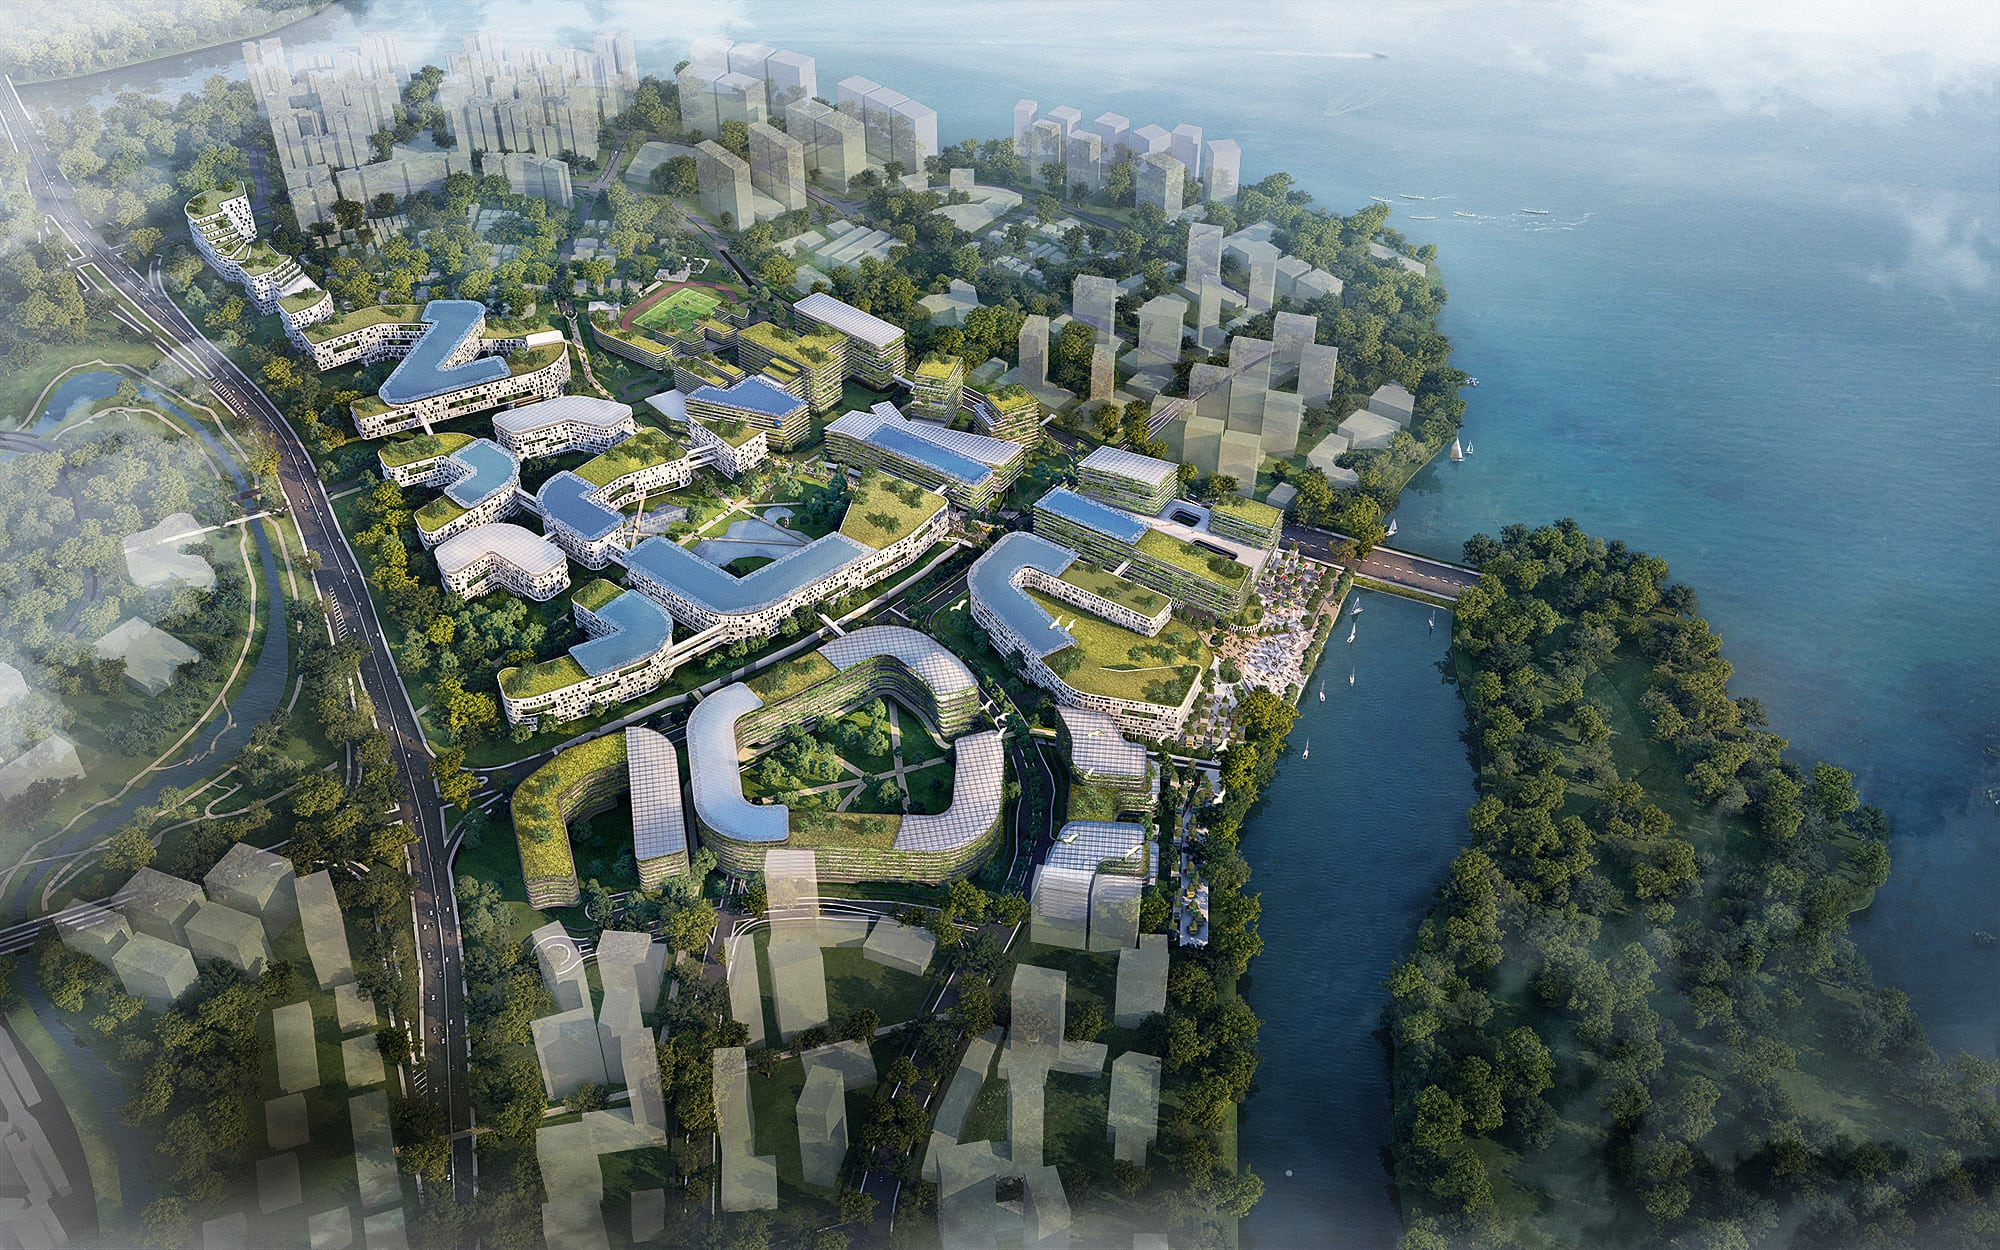 Singapore preps open digital platform for major greenfield smart